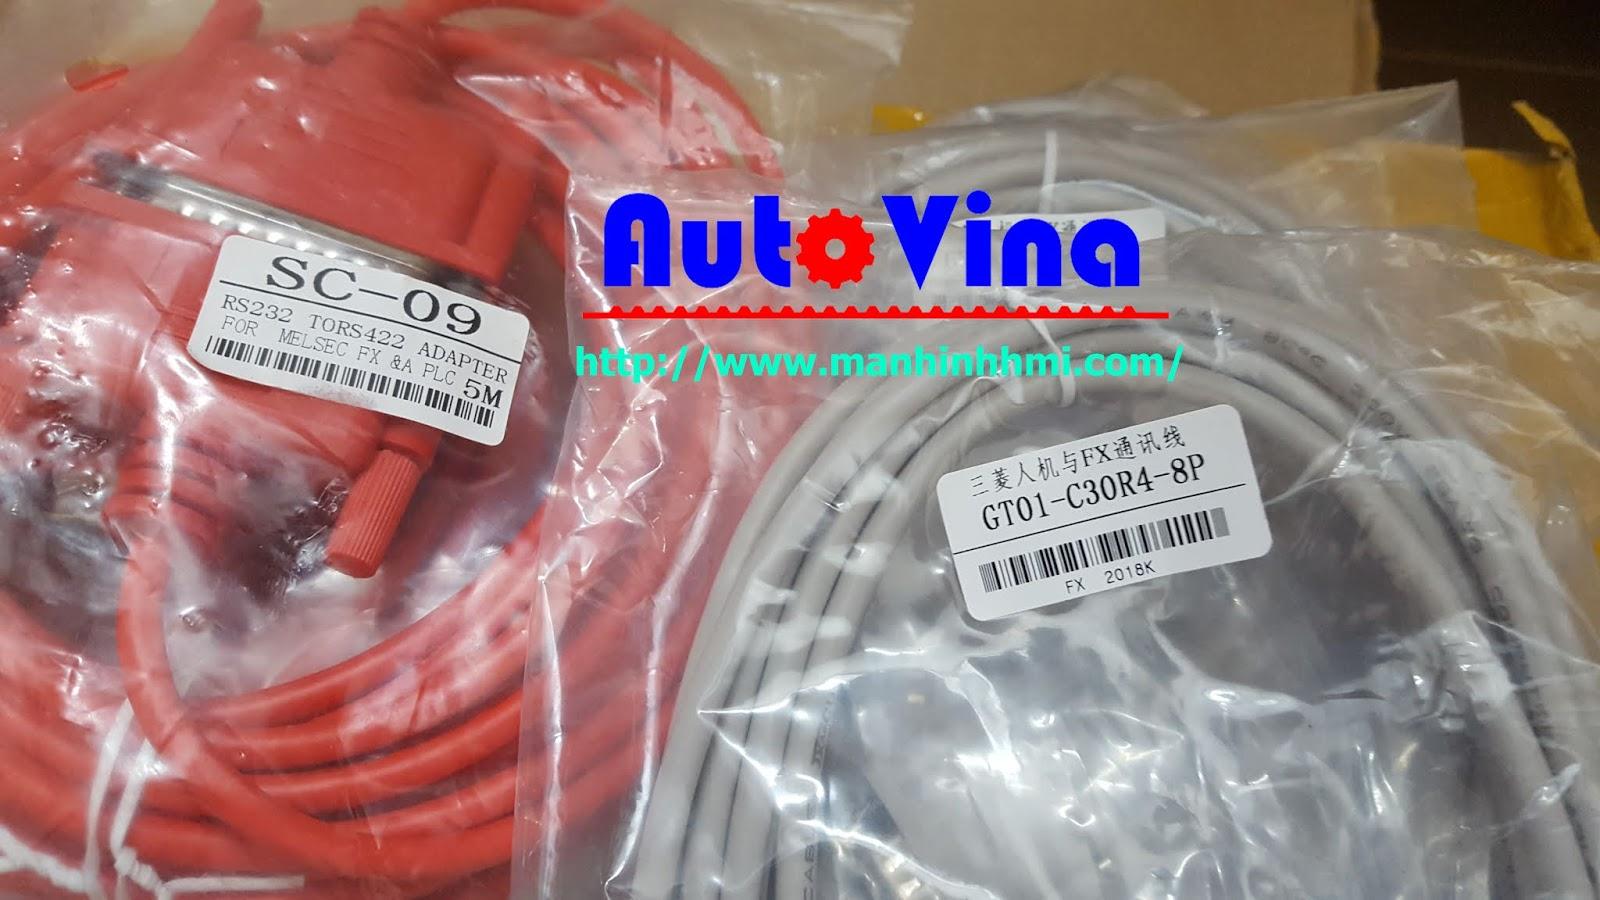 SC-09 RS232-RS422, GT01-C30R3-8P Cable kết nối màn hình và PLC Mitsubishi